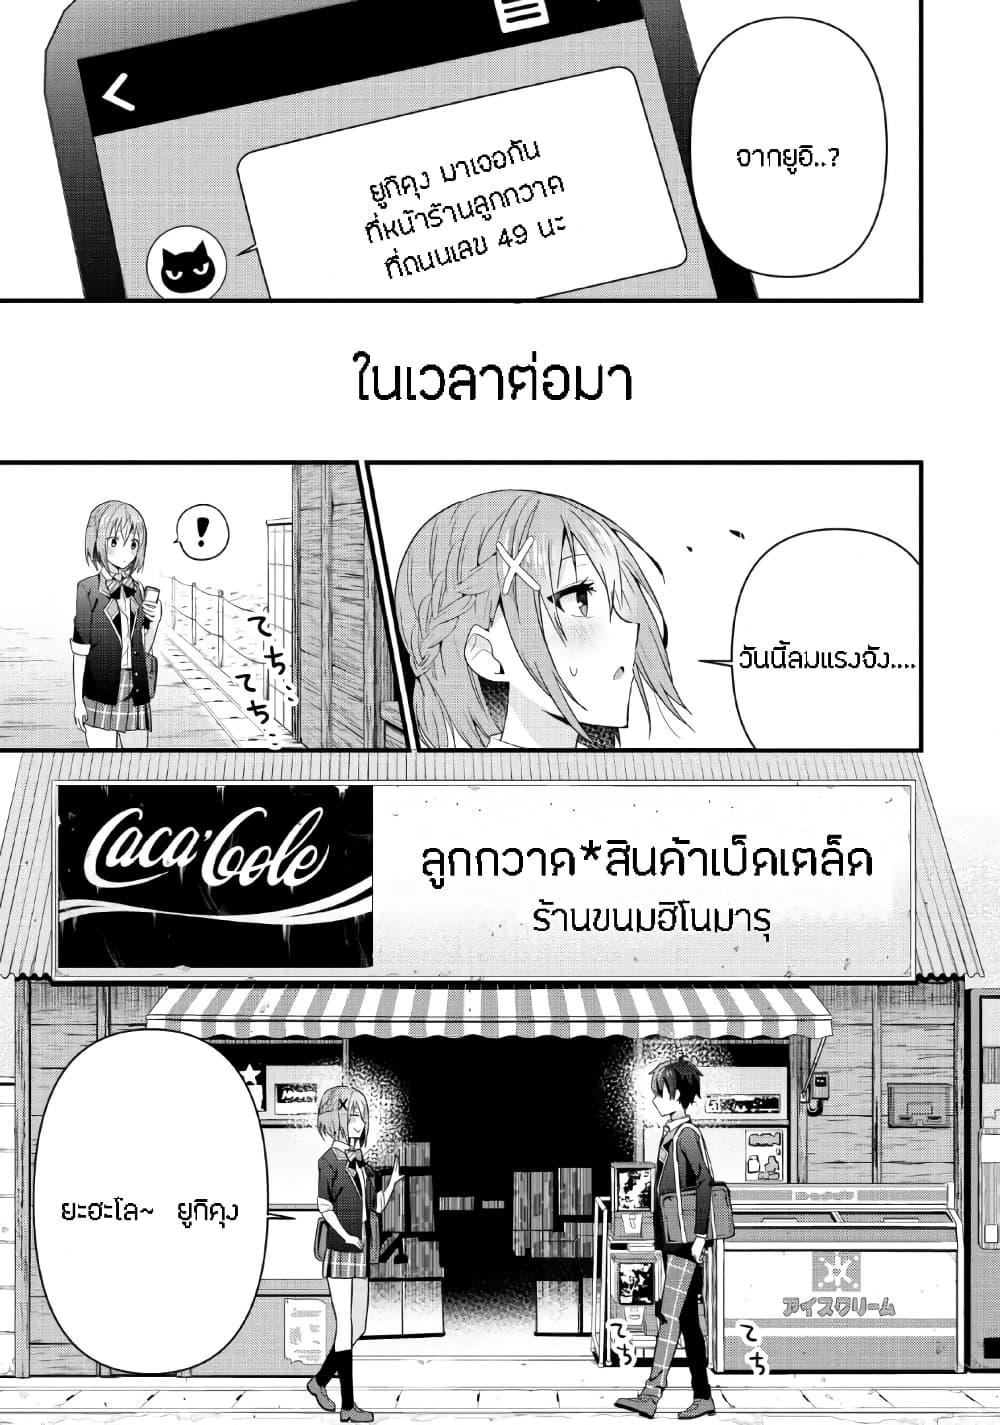 อ่านการ์ตูน Tonari no Seki ni Natta Bishoujo ga Horesaseyou to Karakatte Kuru ga Itsunomanika Kaeriuchi ni Shite Ita ตอนที่ 4 หน้าที่ 17